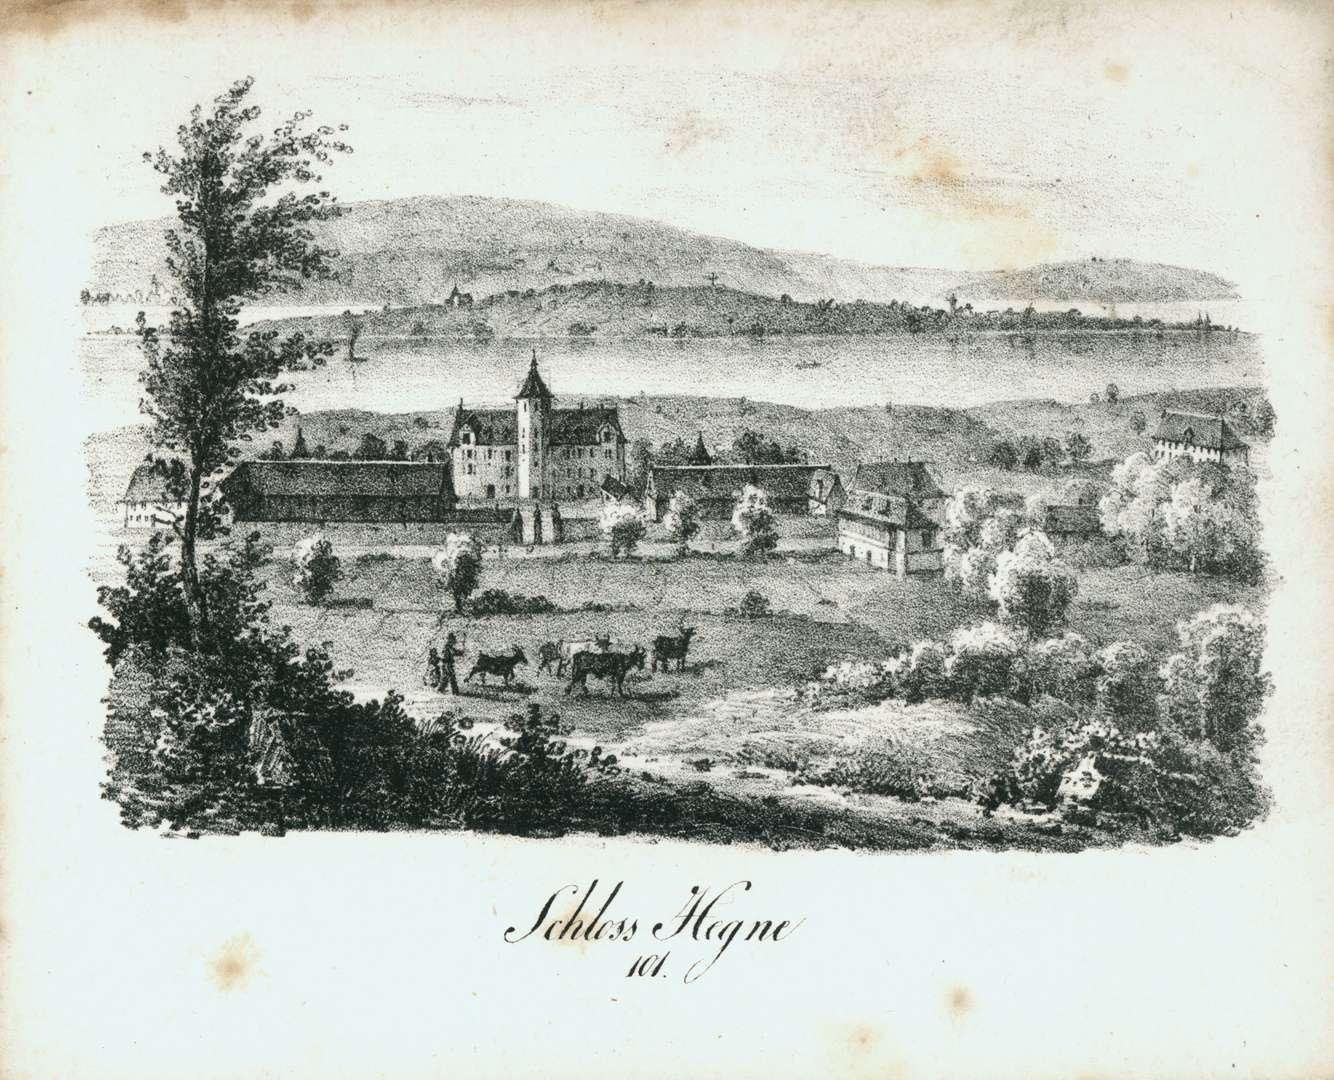 Schloss Hegne, Bild 1